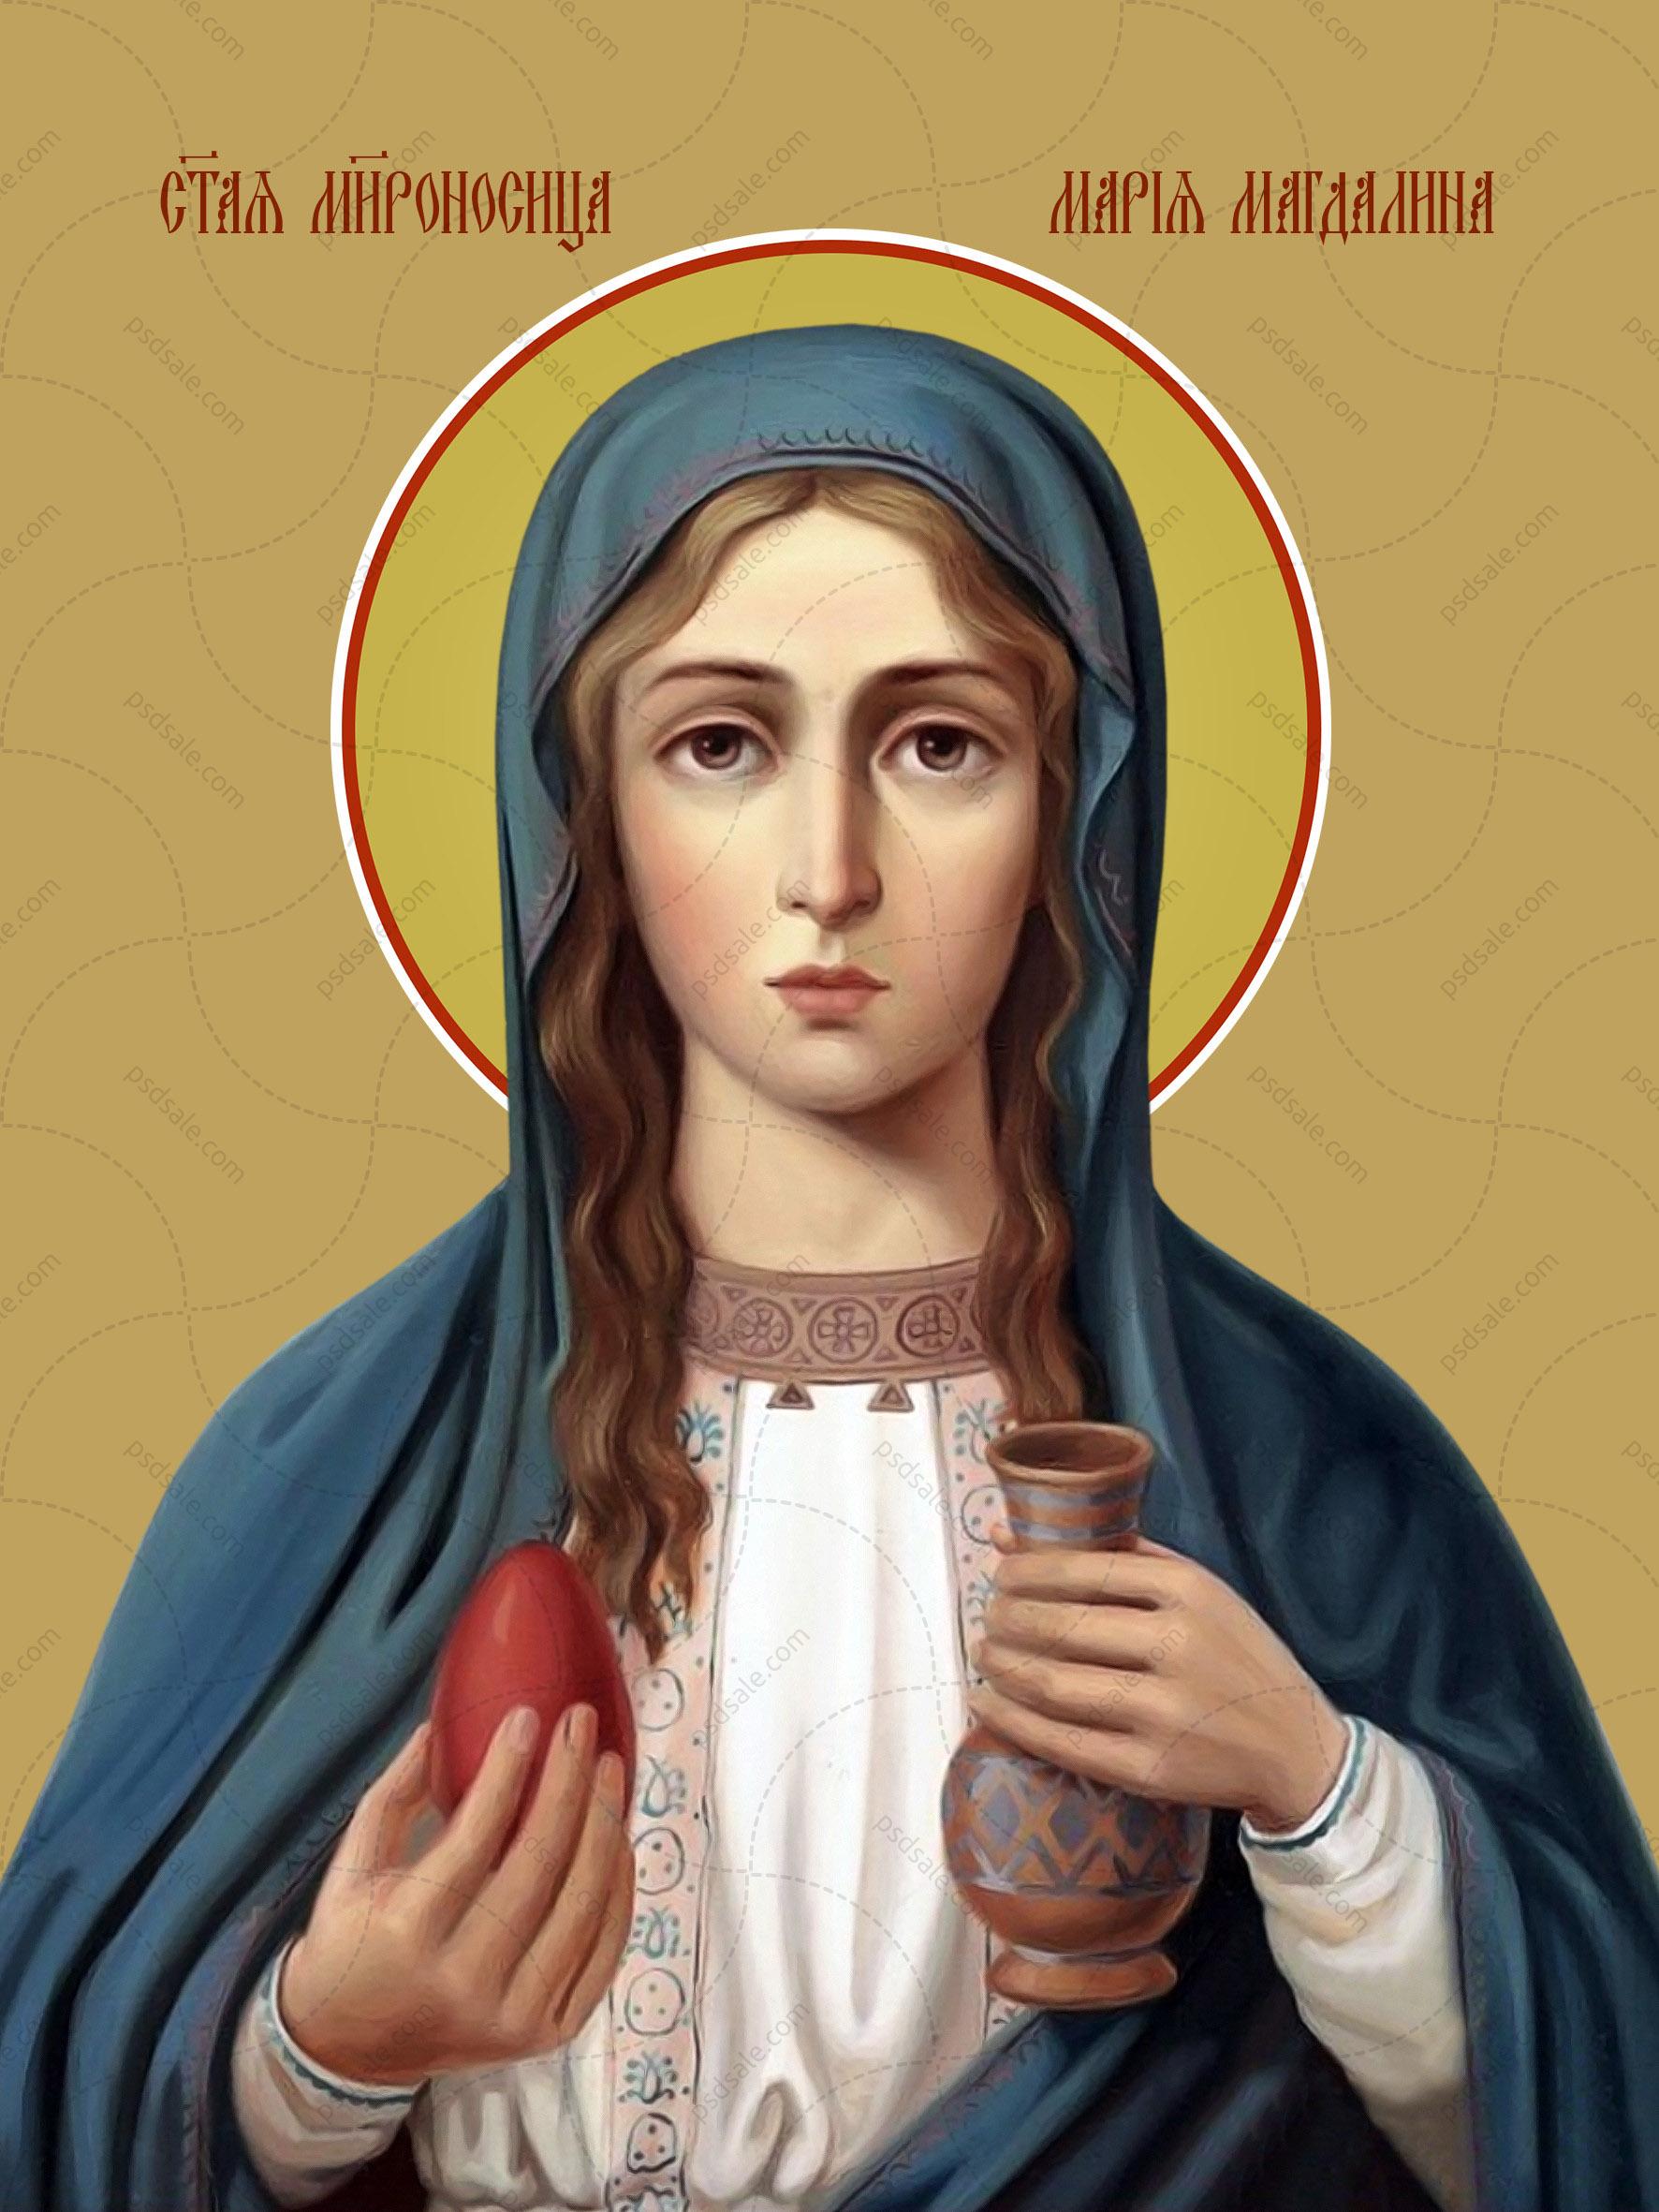 имея картинки святой марии отображен смайлик